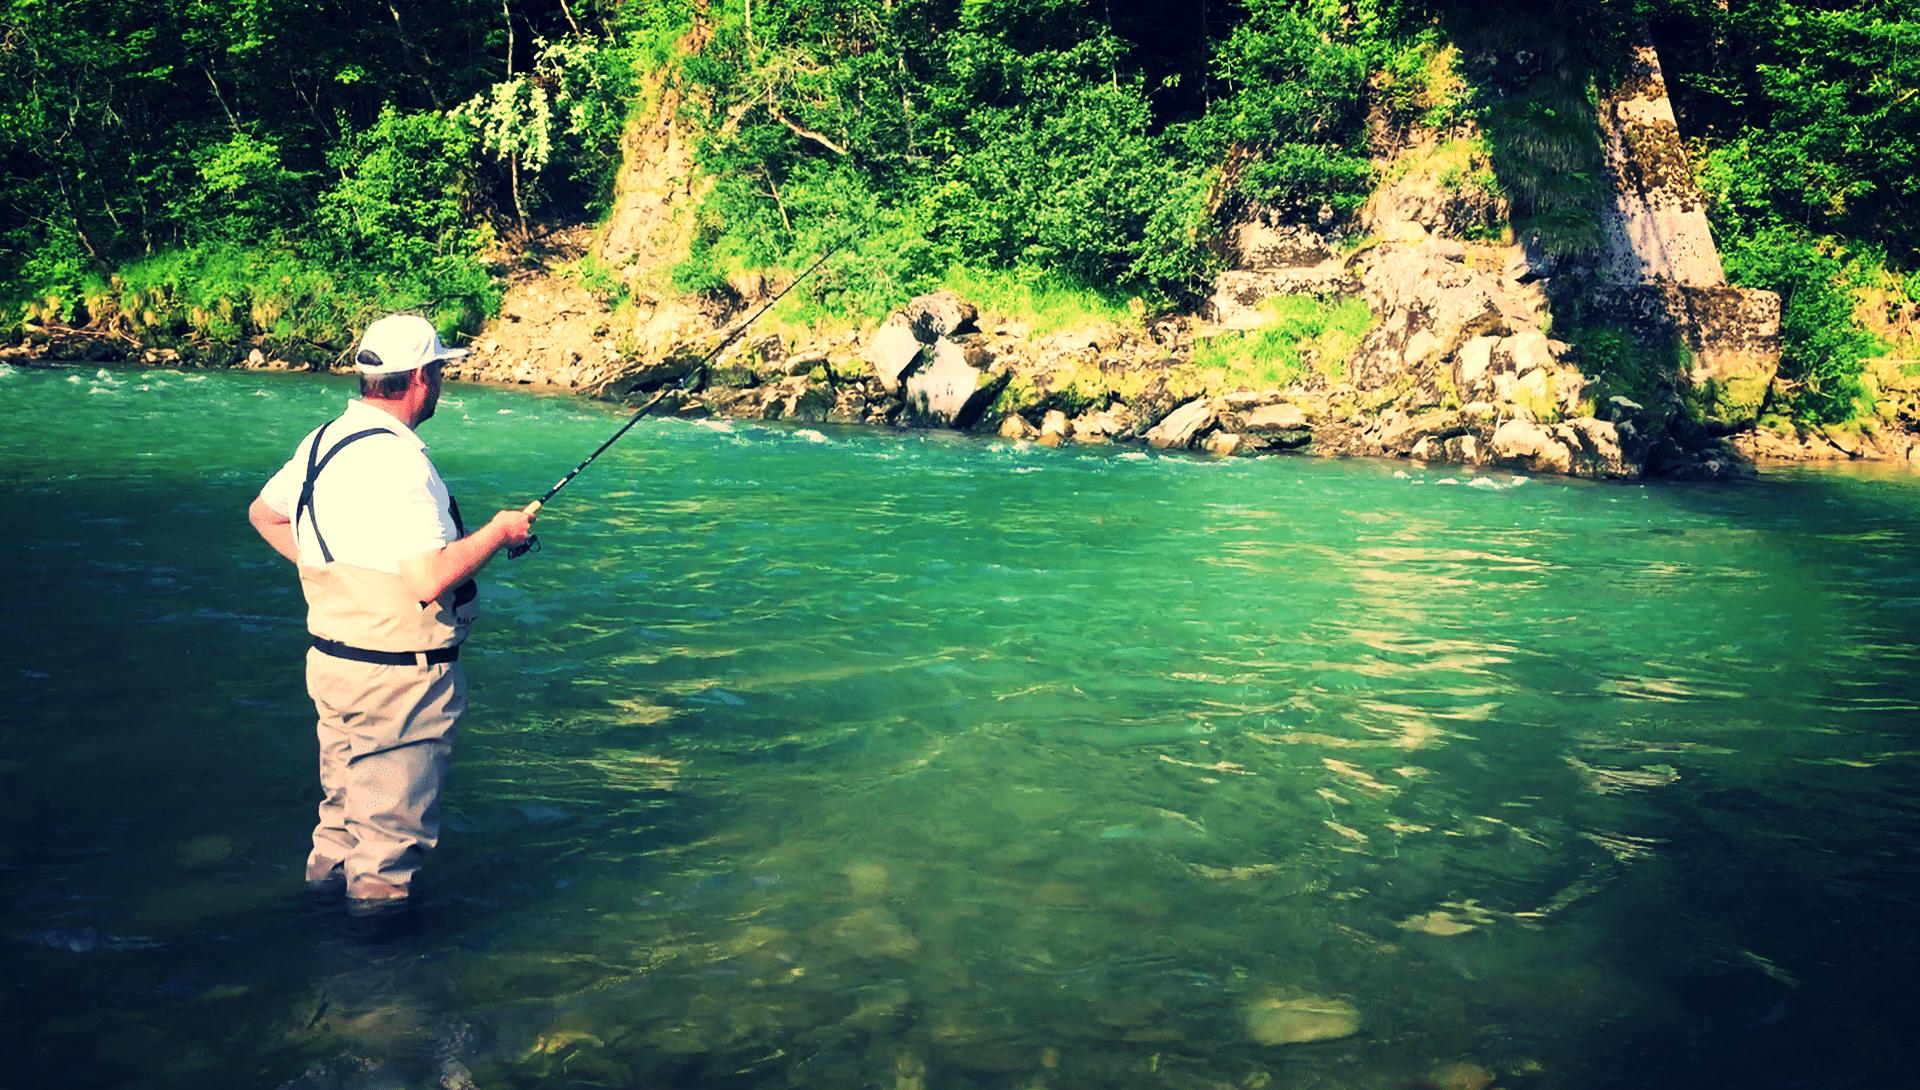 Ein Traum hier zu angeln